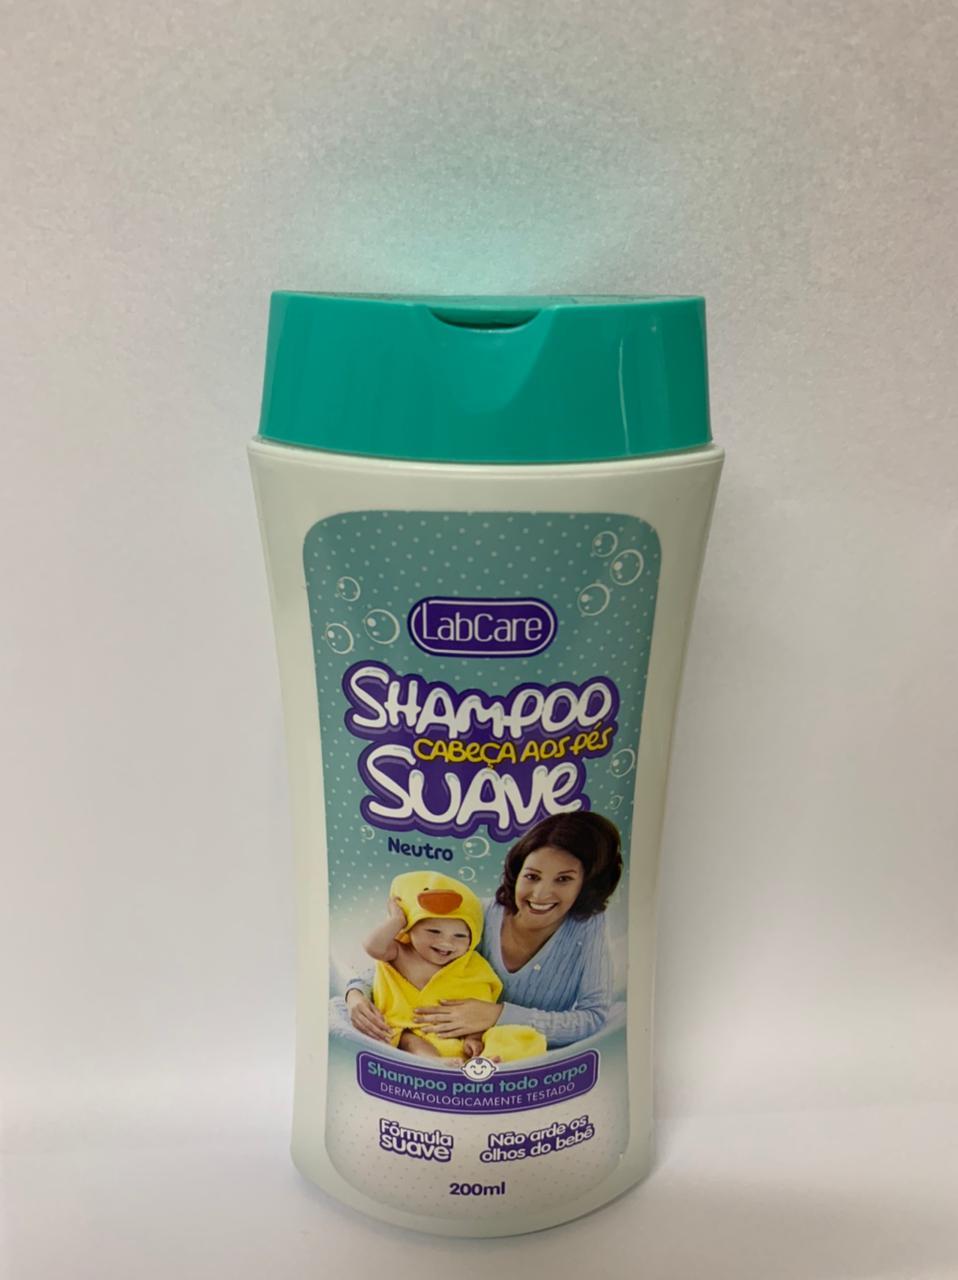 Shampoo Labcare cabeça aos pes 200ml